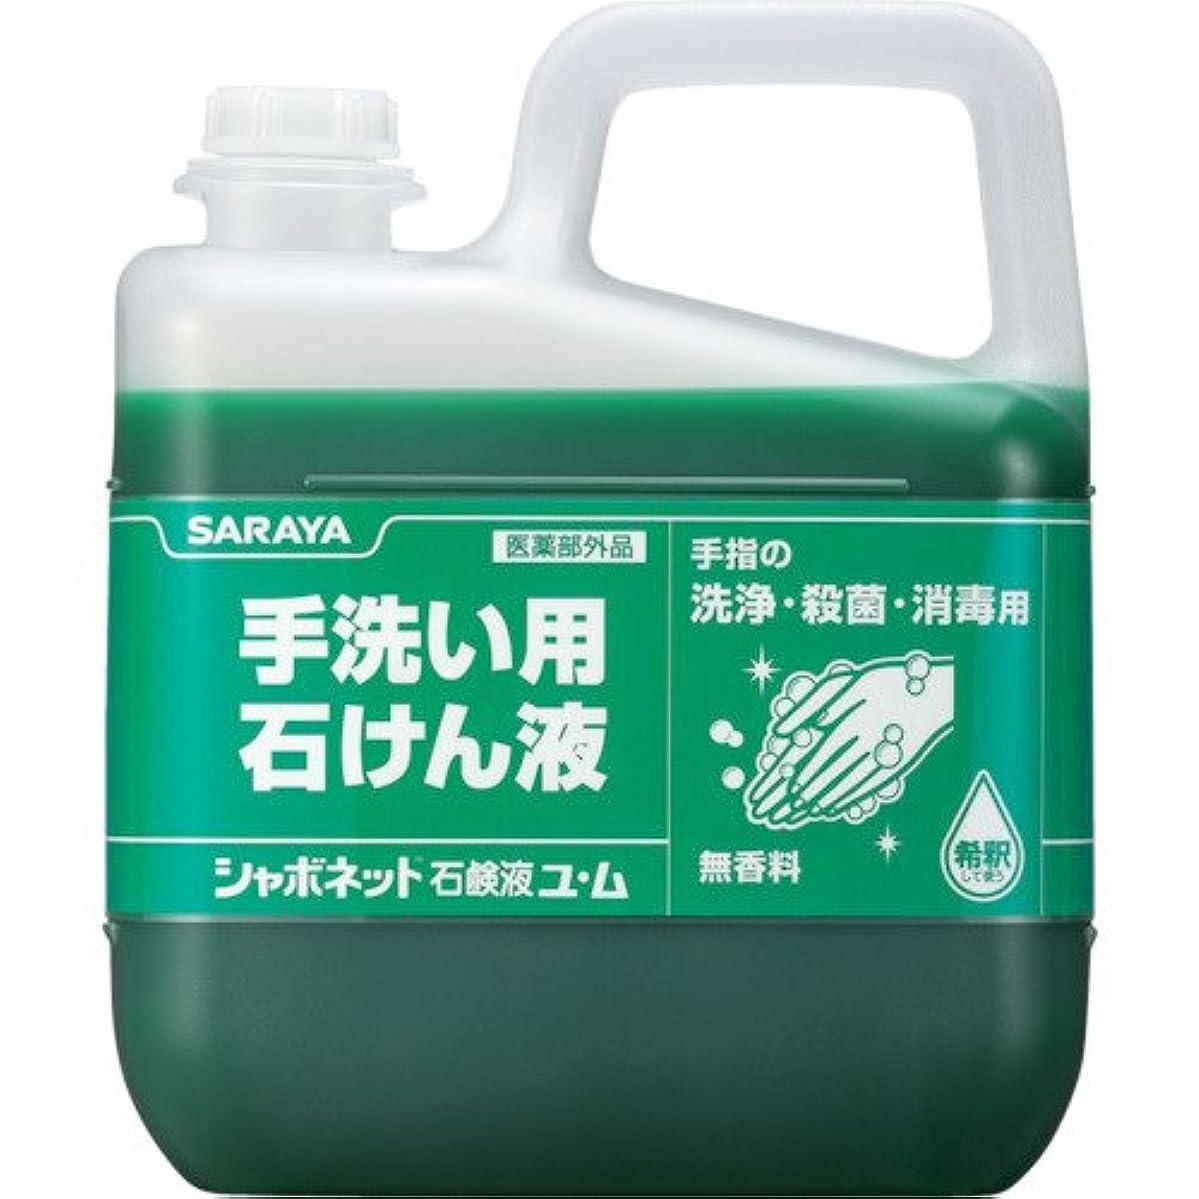 それに応じてエンティティペーストサラヤ ハンドソープ シャボネット石鹸液ユ?ム 5kg